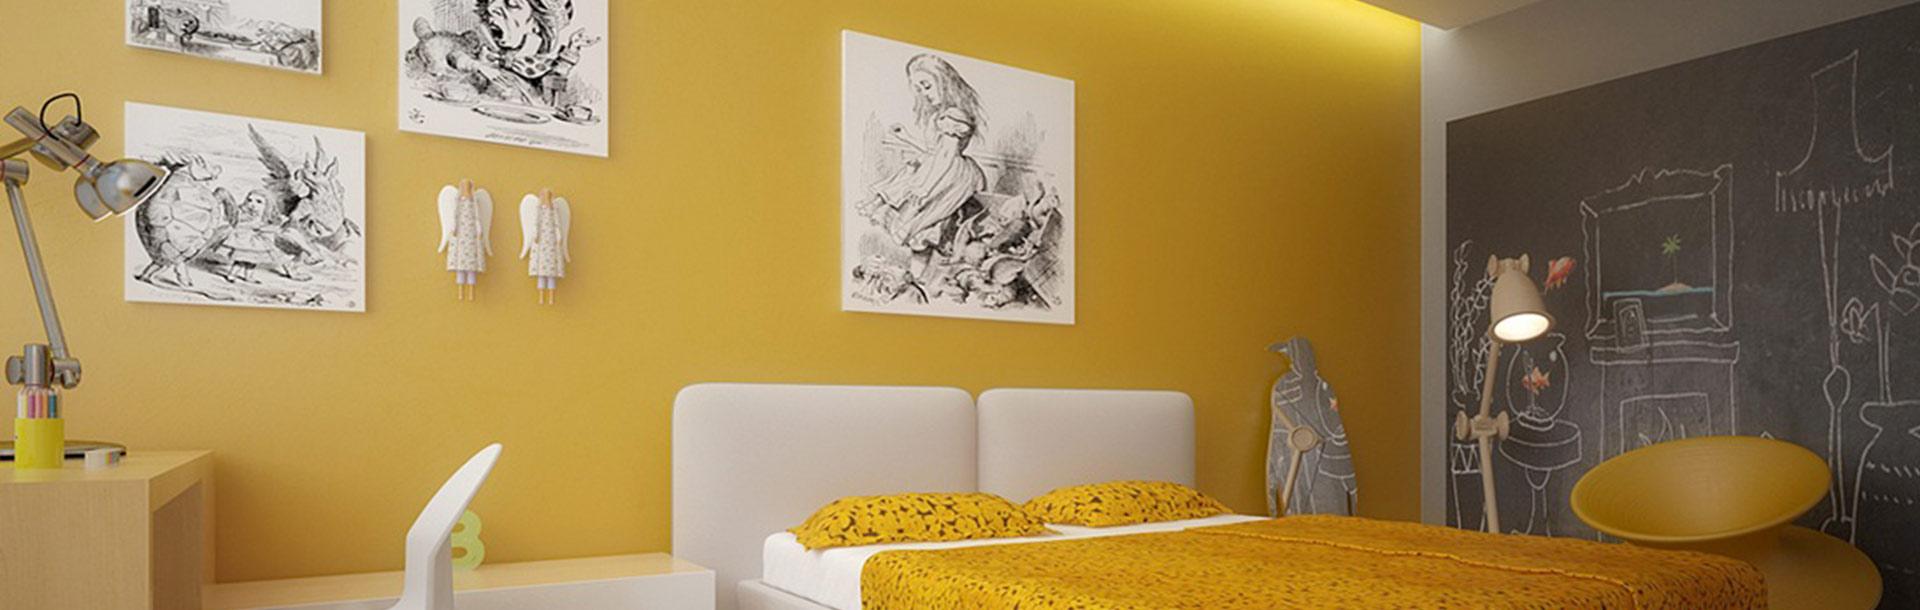 خلاقیت در استفاده از رنگ در طراحی داخلی